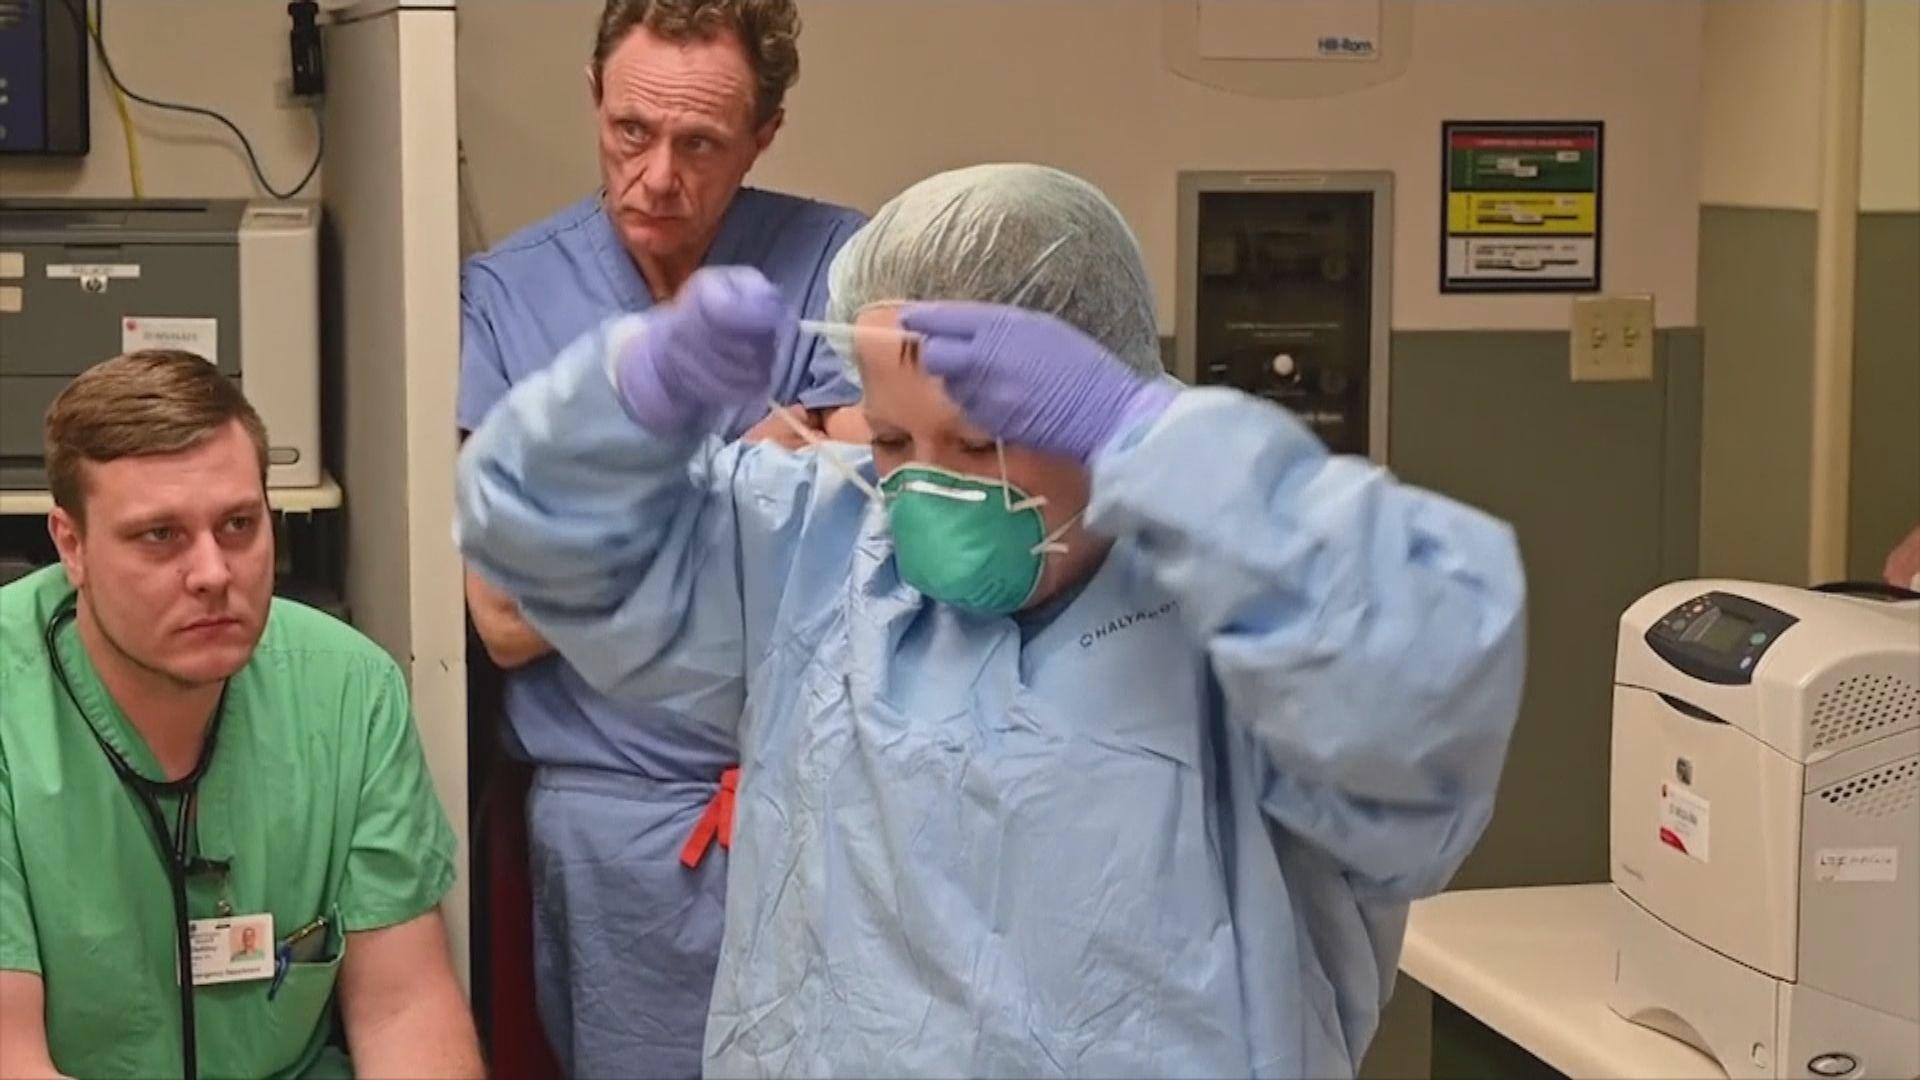 美國醫療物資短缺 特朗普提出消毒口罩重用